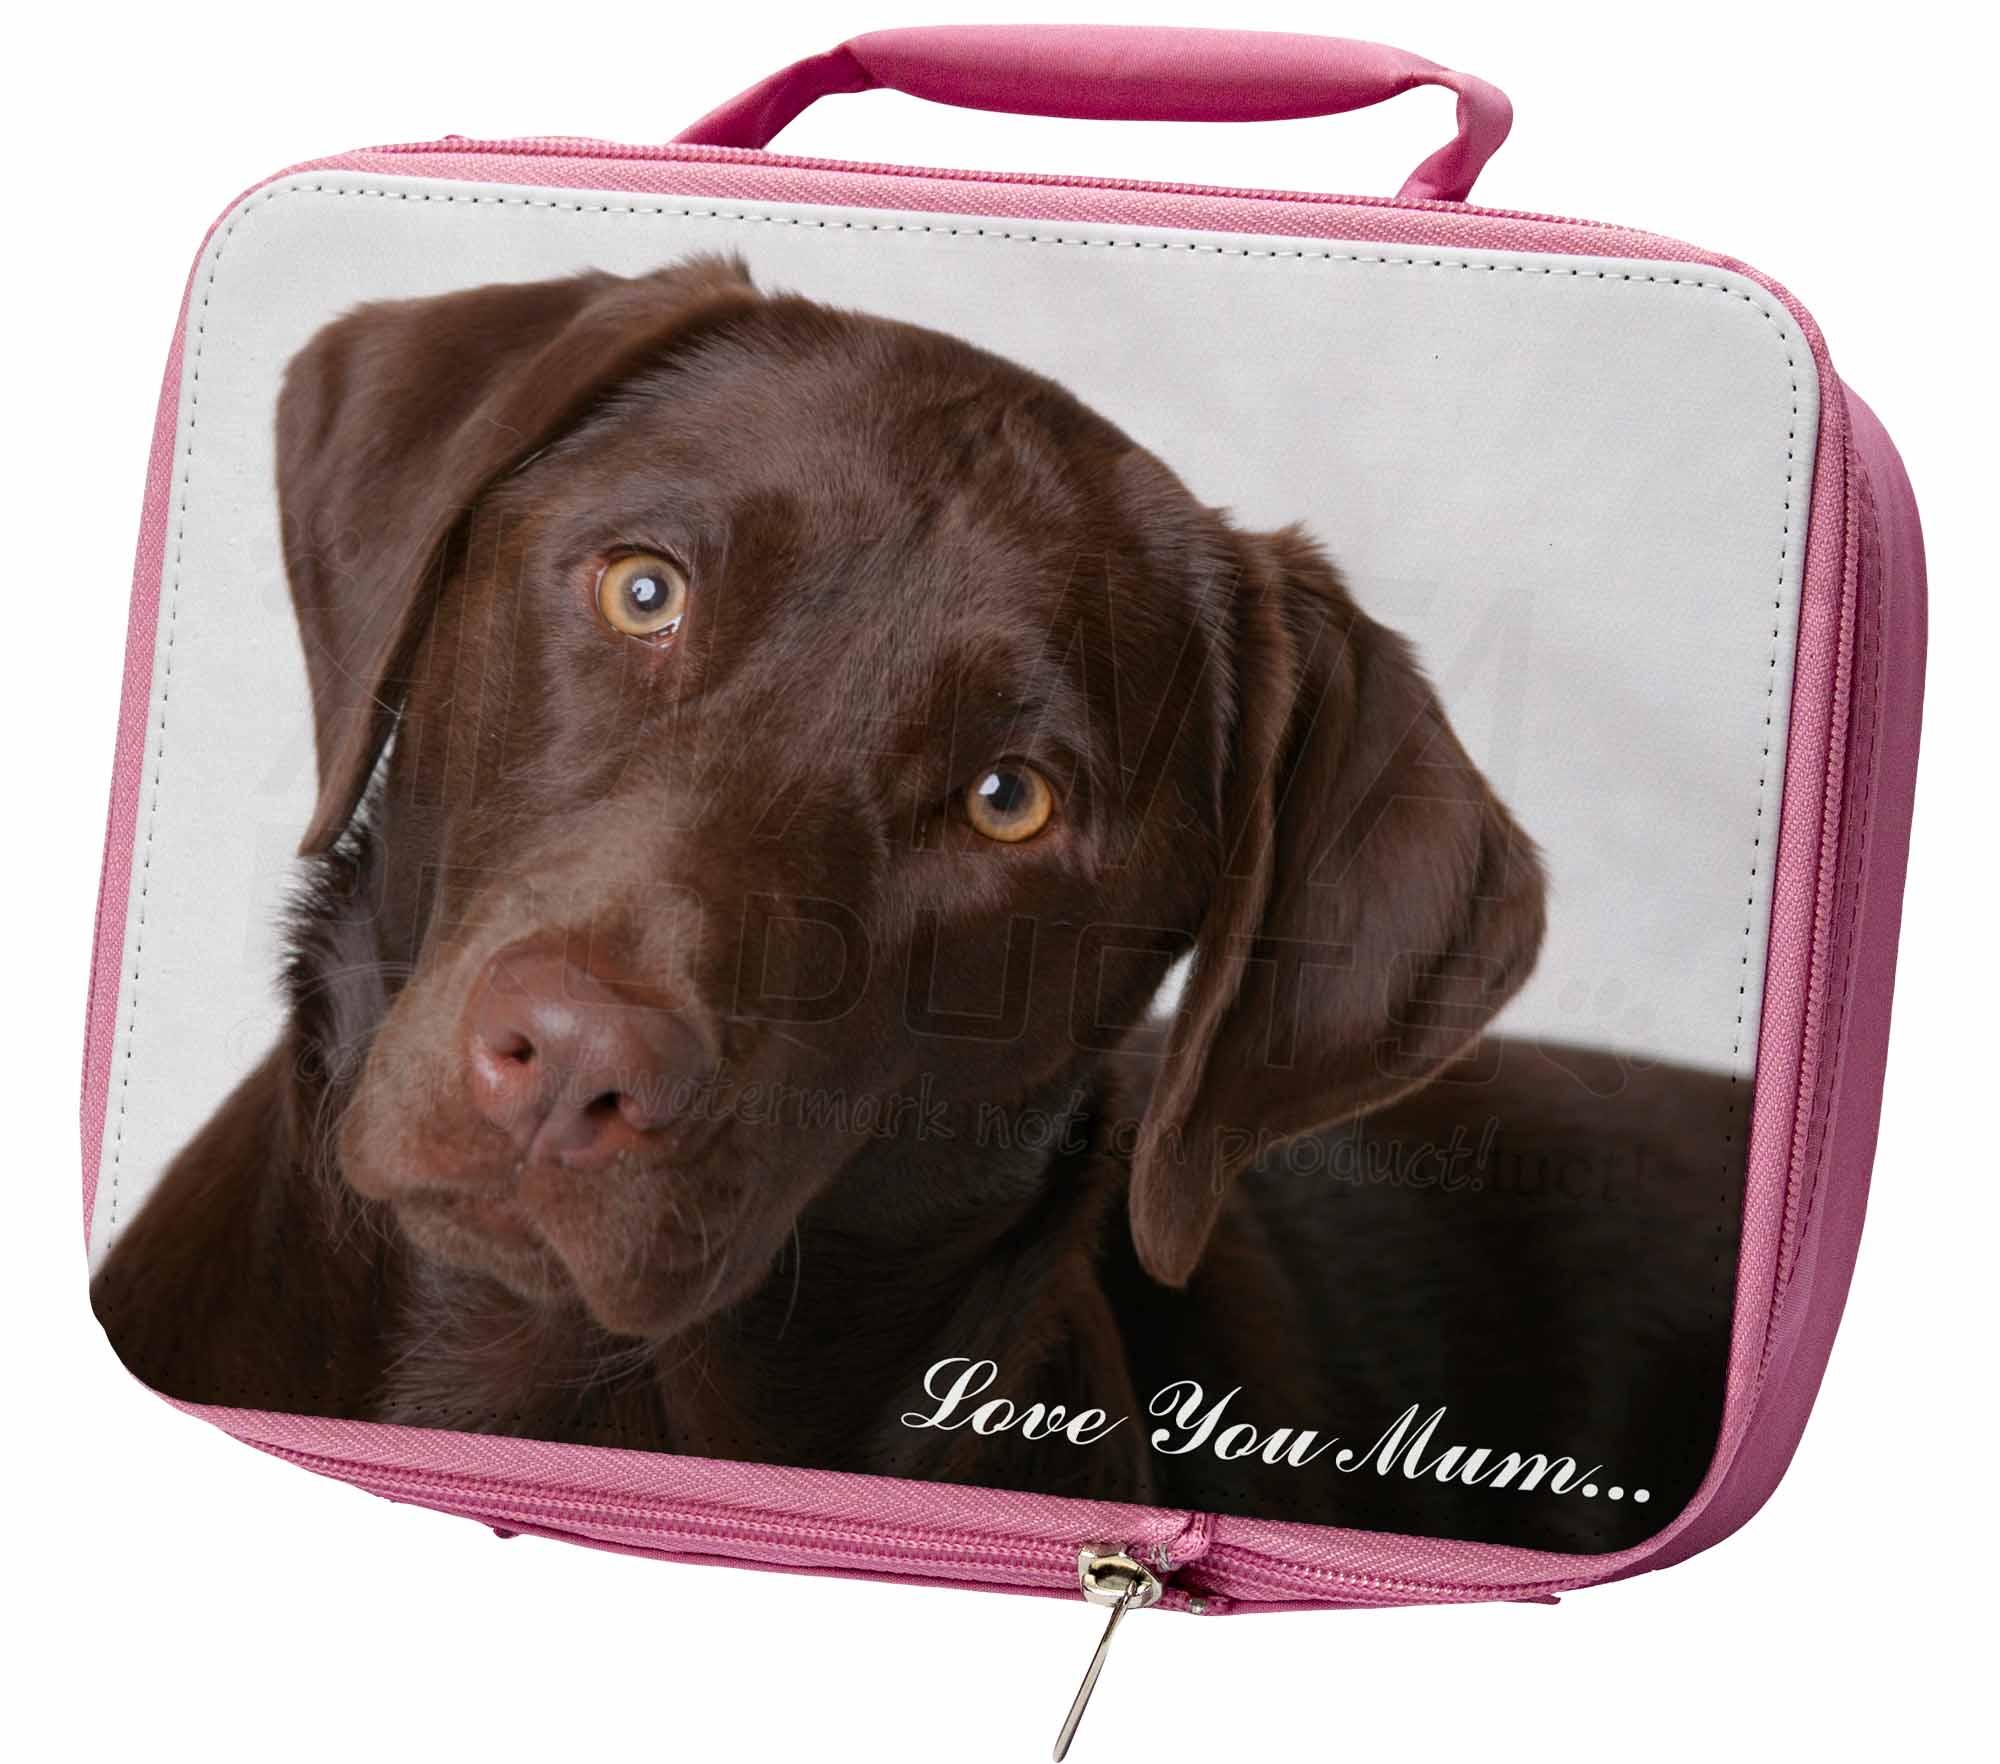 Cioccolato Labrador 'amore Che Te Mamma' Ermetica Rosa Porta Pranzo,ad-l32lymlbp Rosa-  - ebay.it